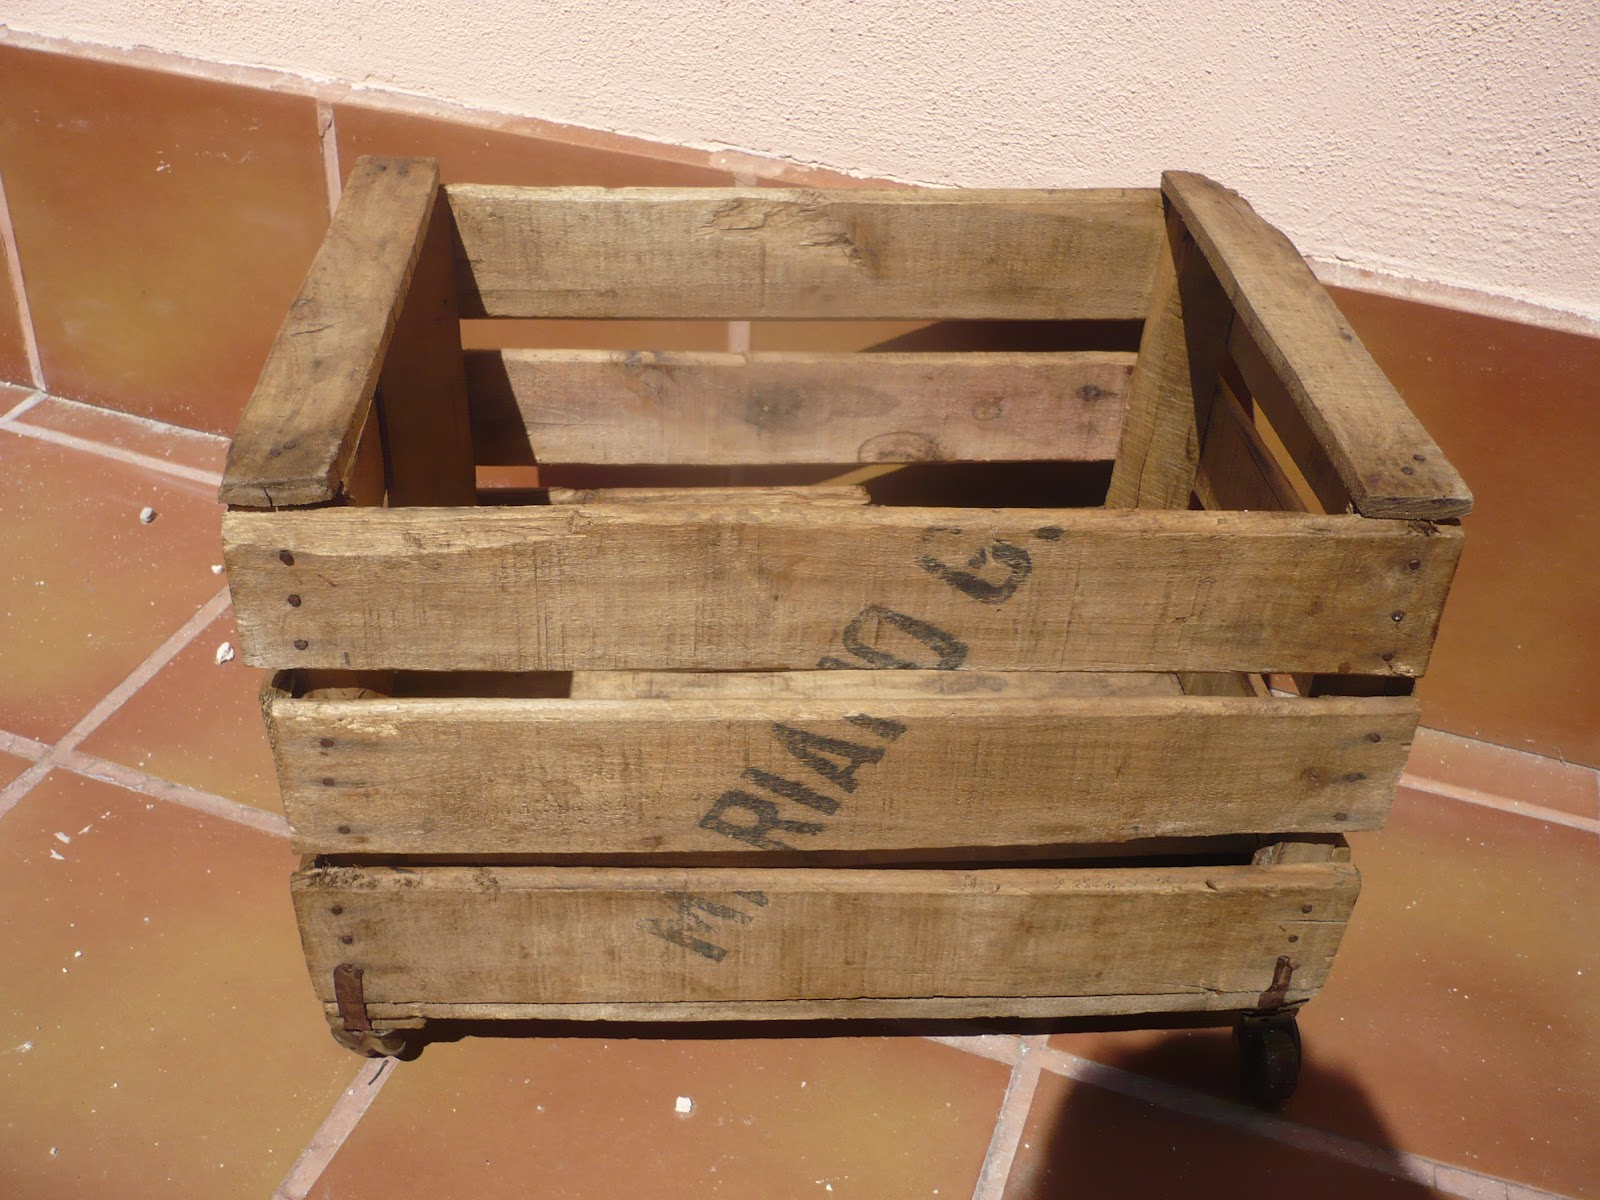 Cosas de pueblo reciclando antiguas cajas de fruta - Cajas de fruta ...